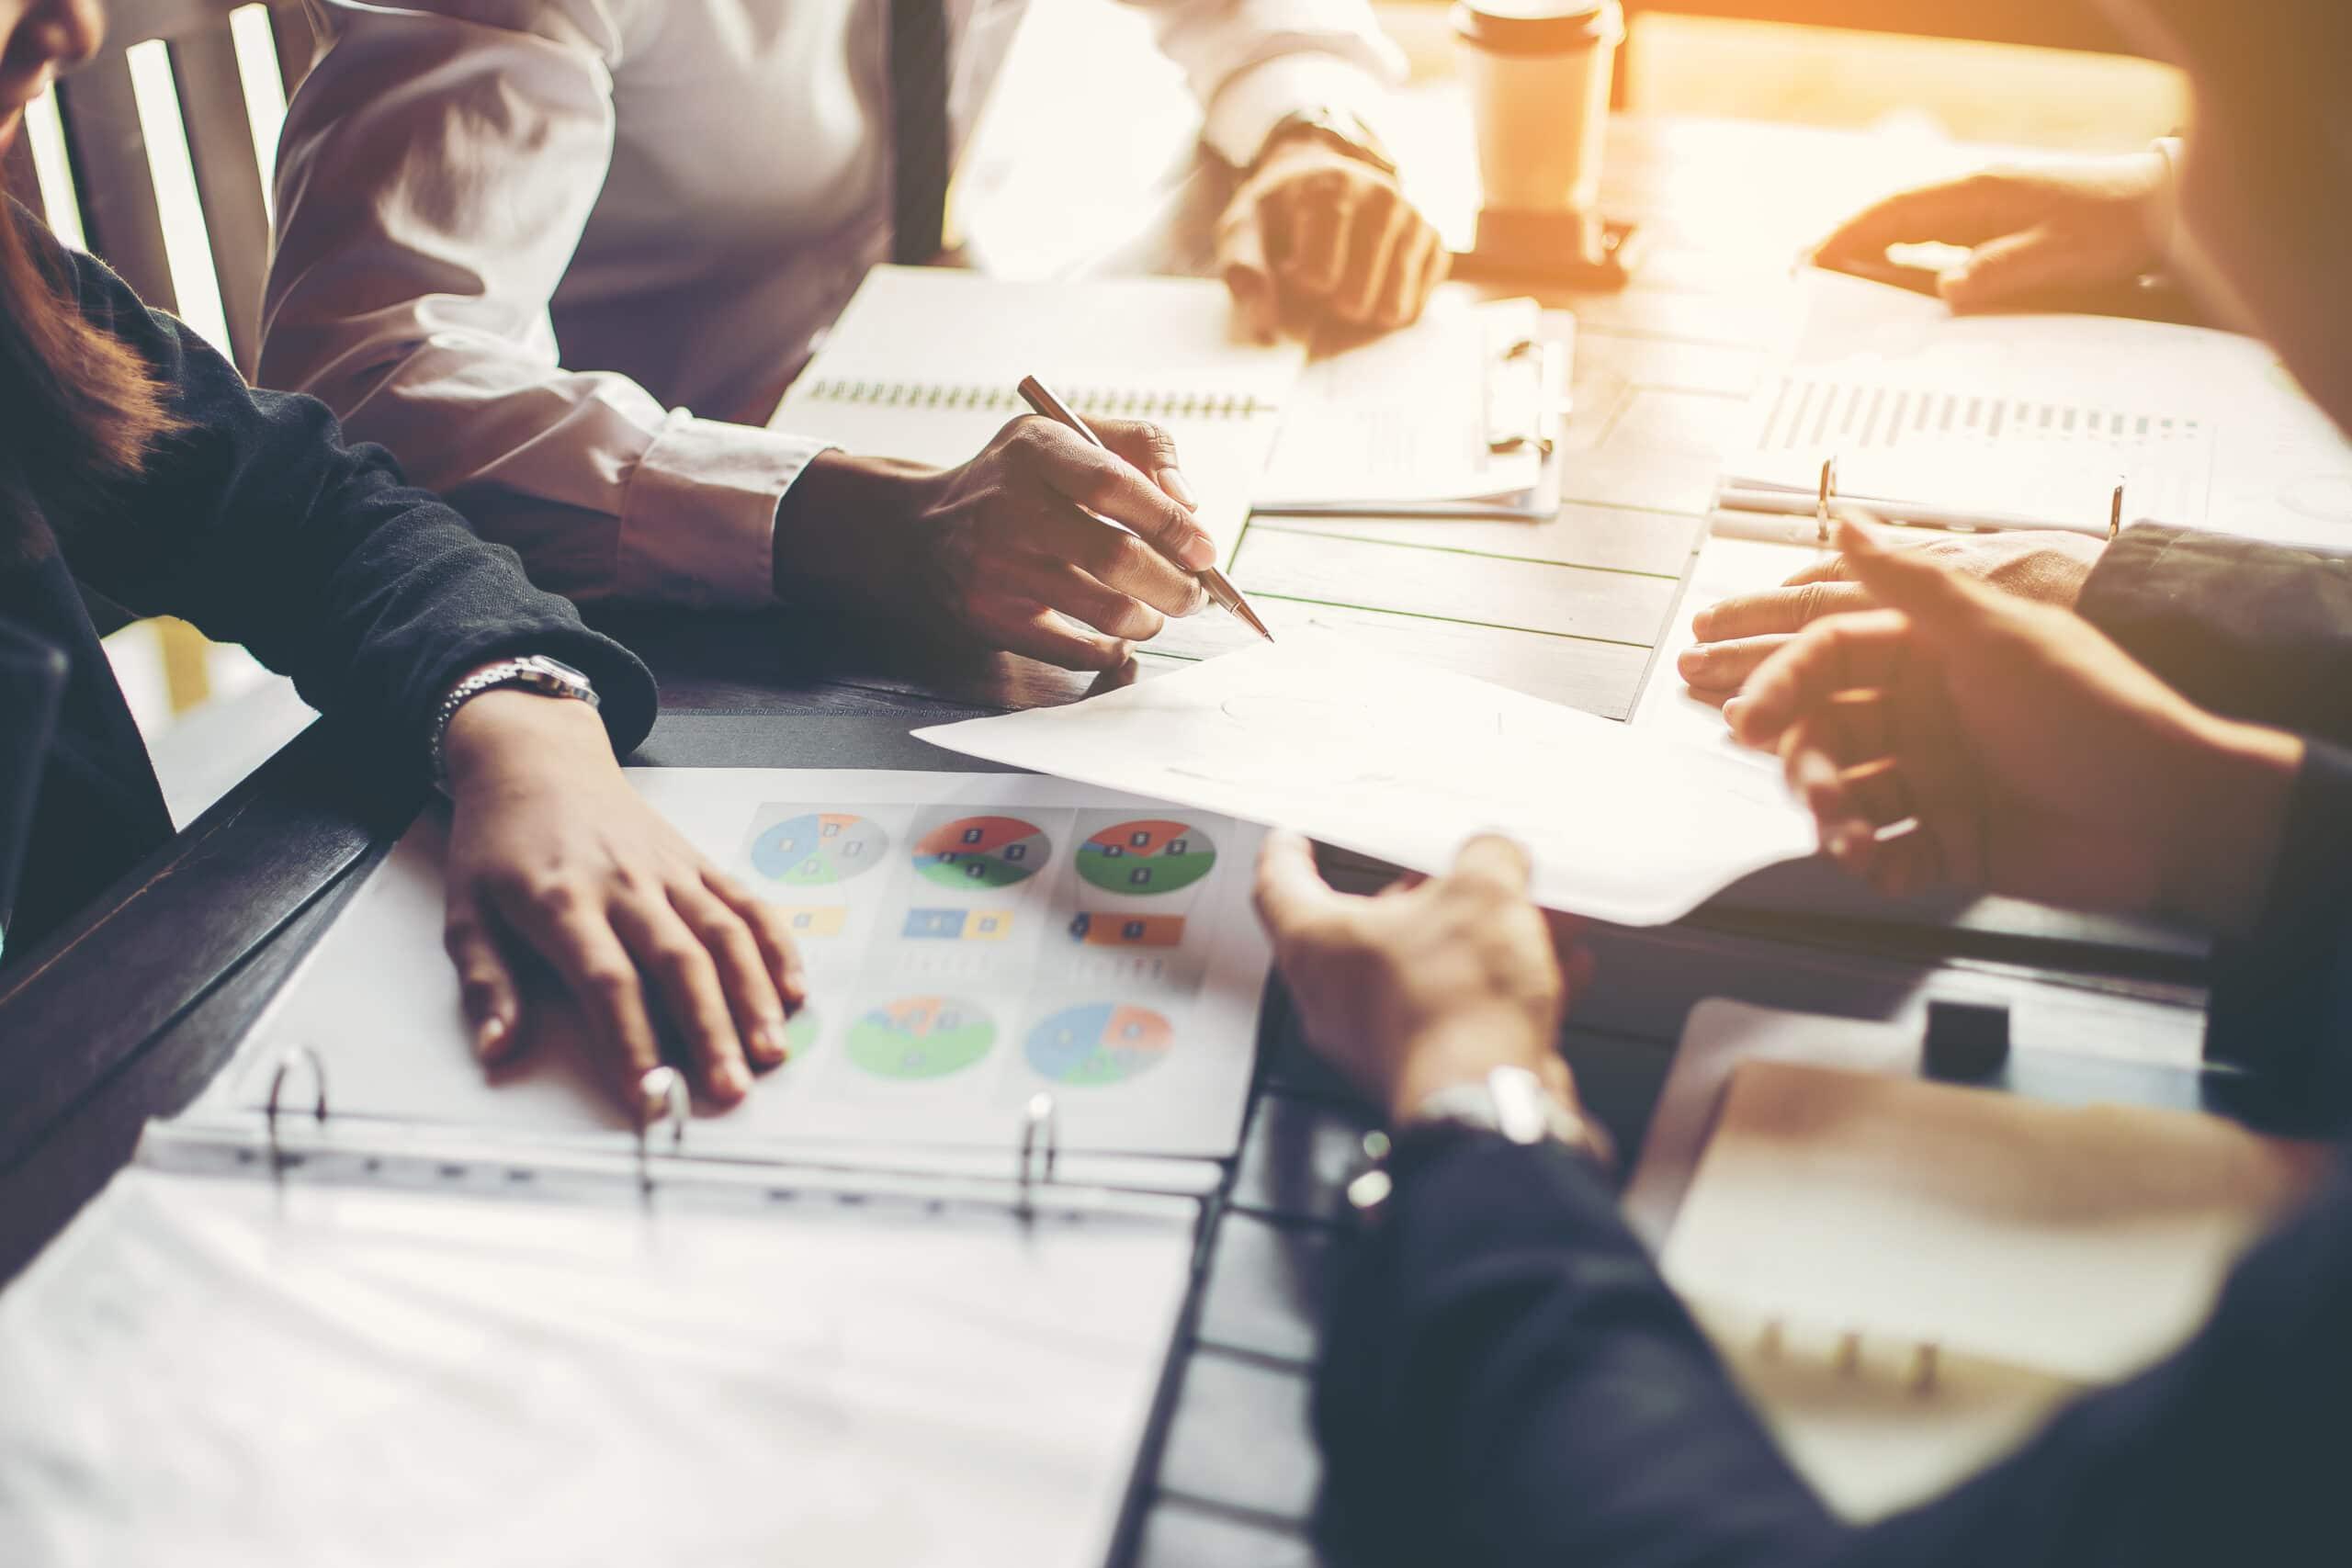 Créer une cohésion de groupe  Faciliter la prise de décision  Accélérer la production intellectuelle  En savoir plus